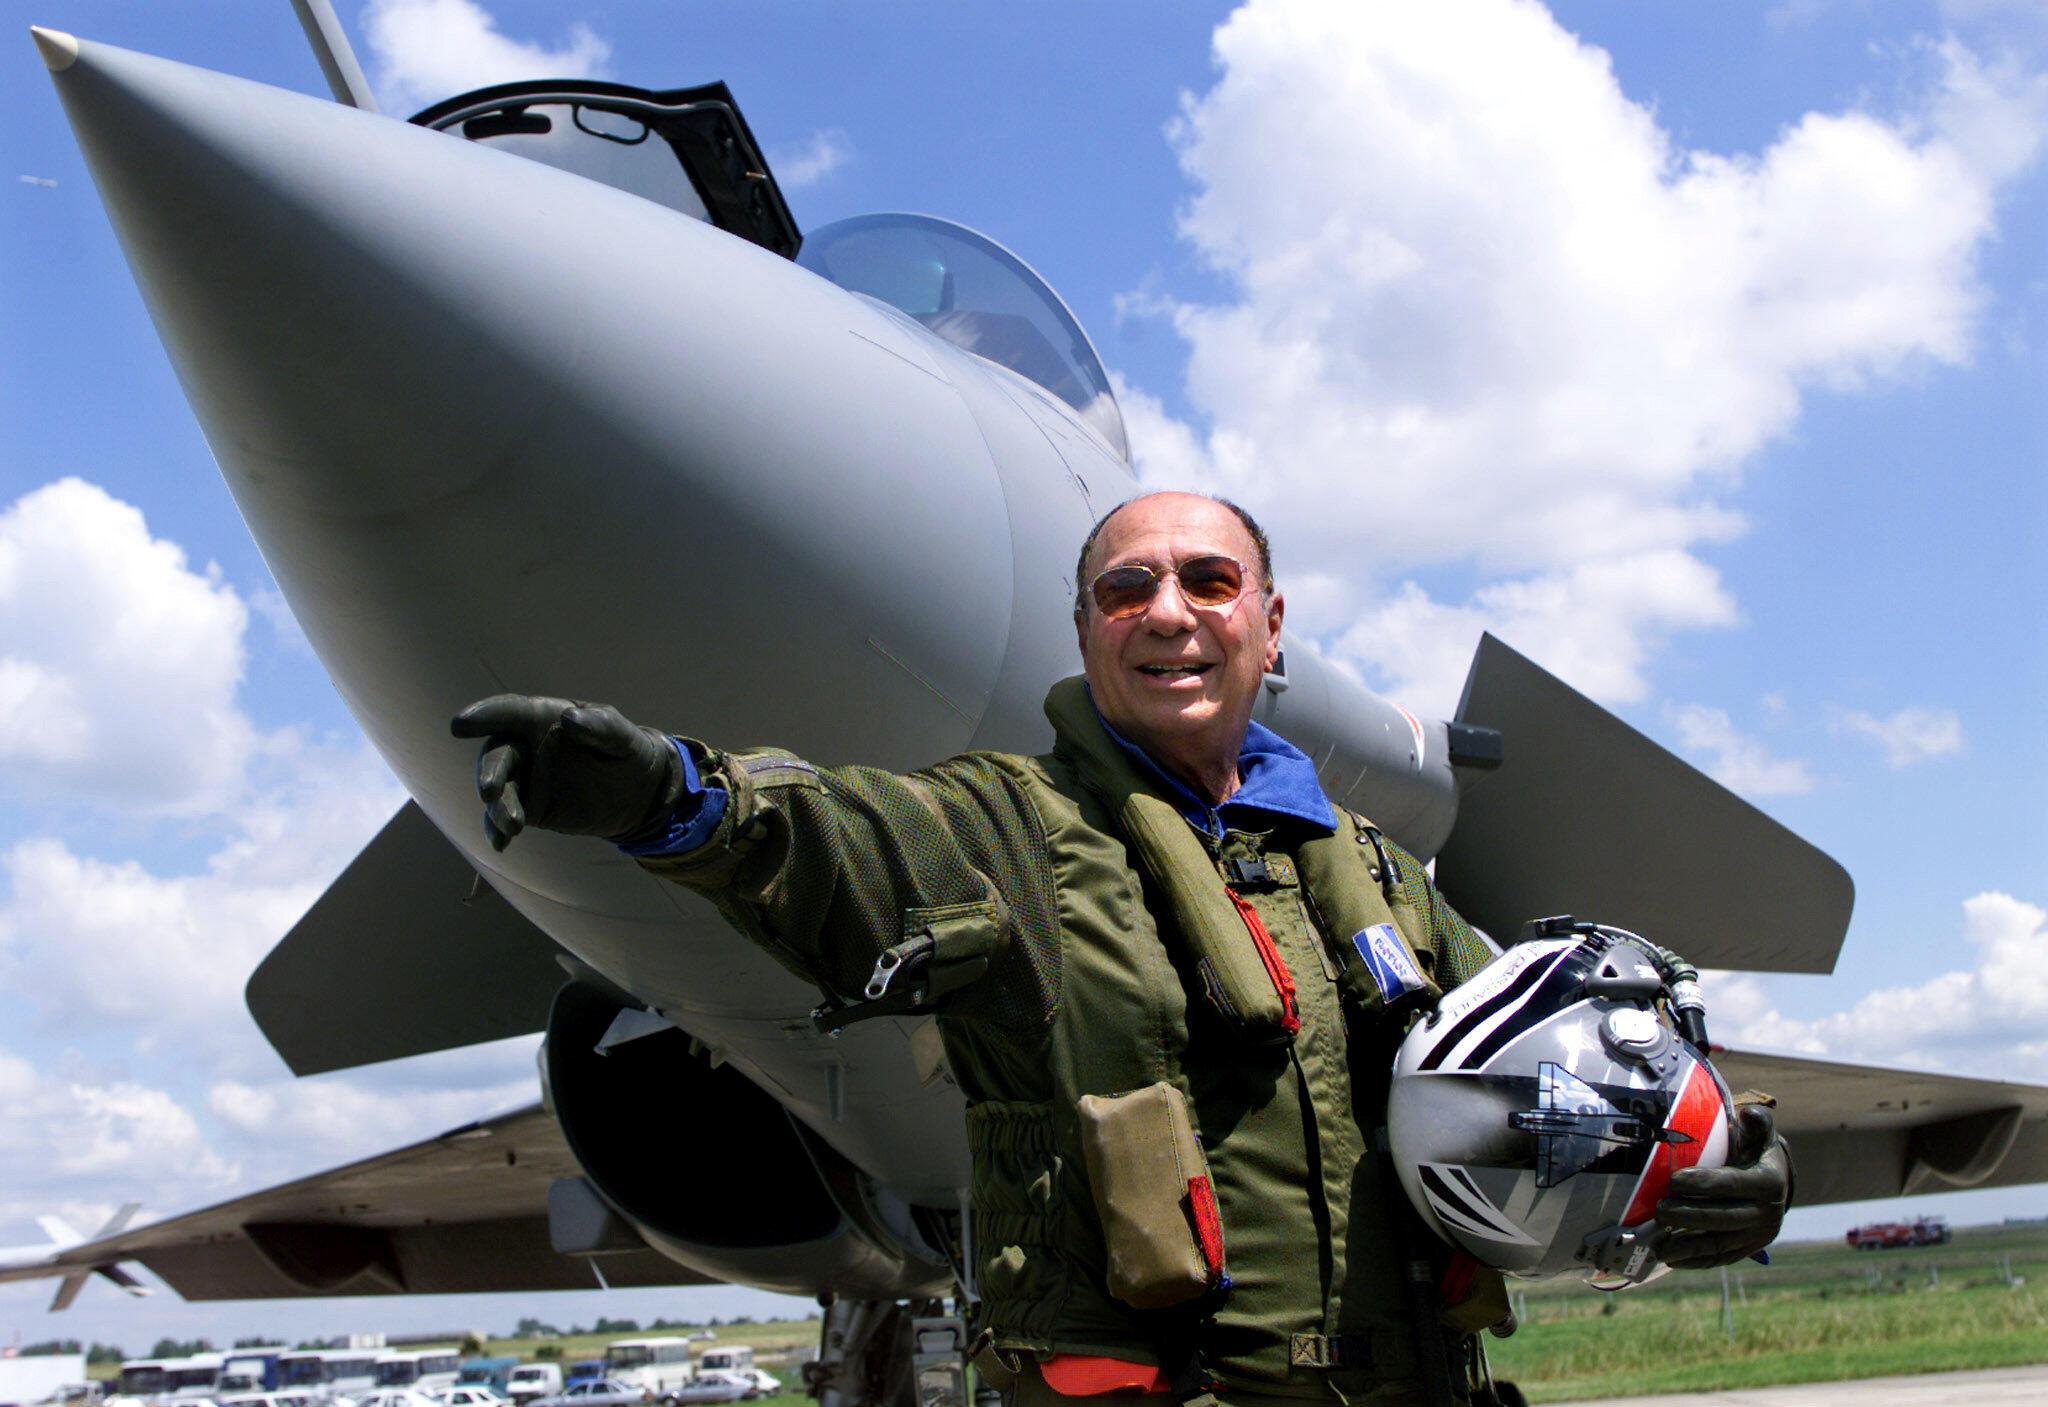 سرژ داسو، در کنار یک هواپیمای «رافال» ساخت گروه داسو - ١١ ژوئن ١٩٩٩